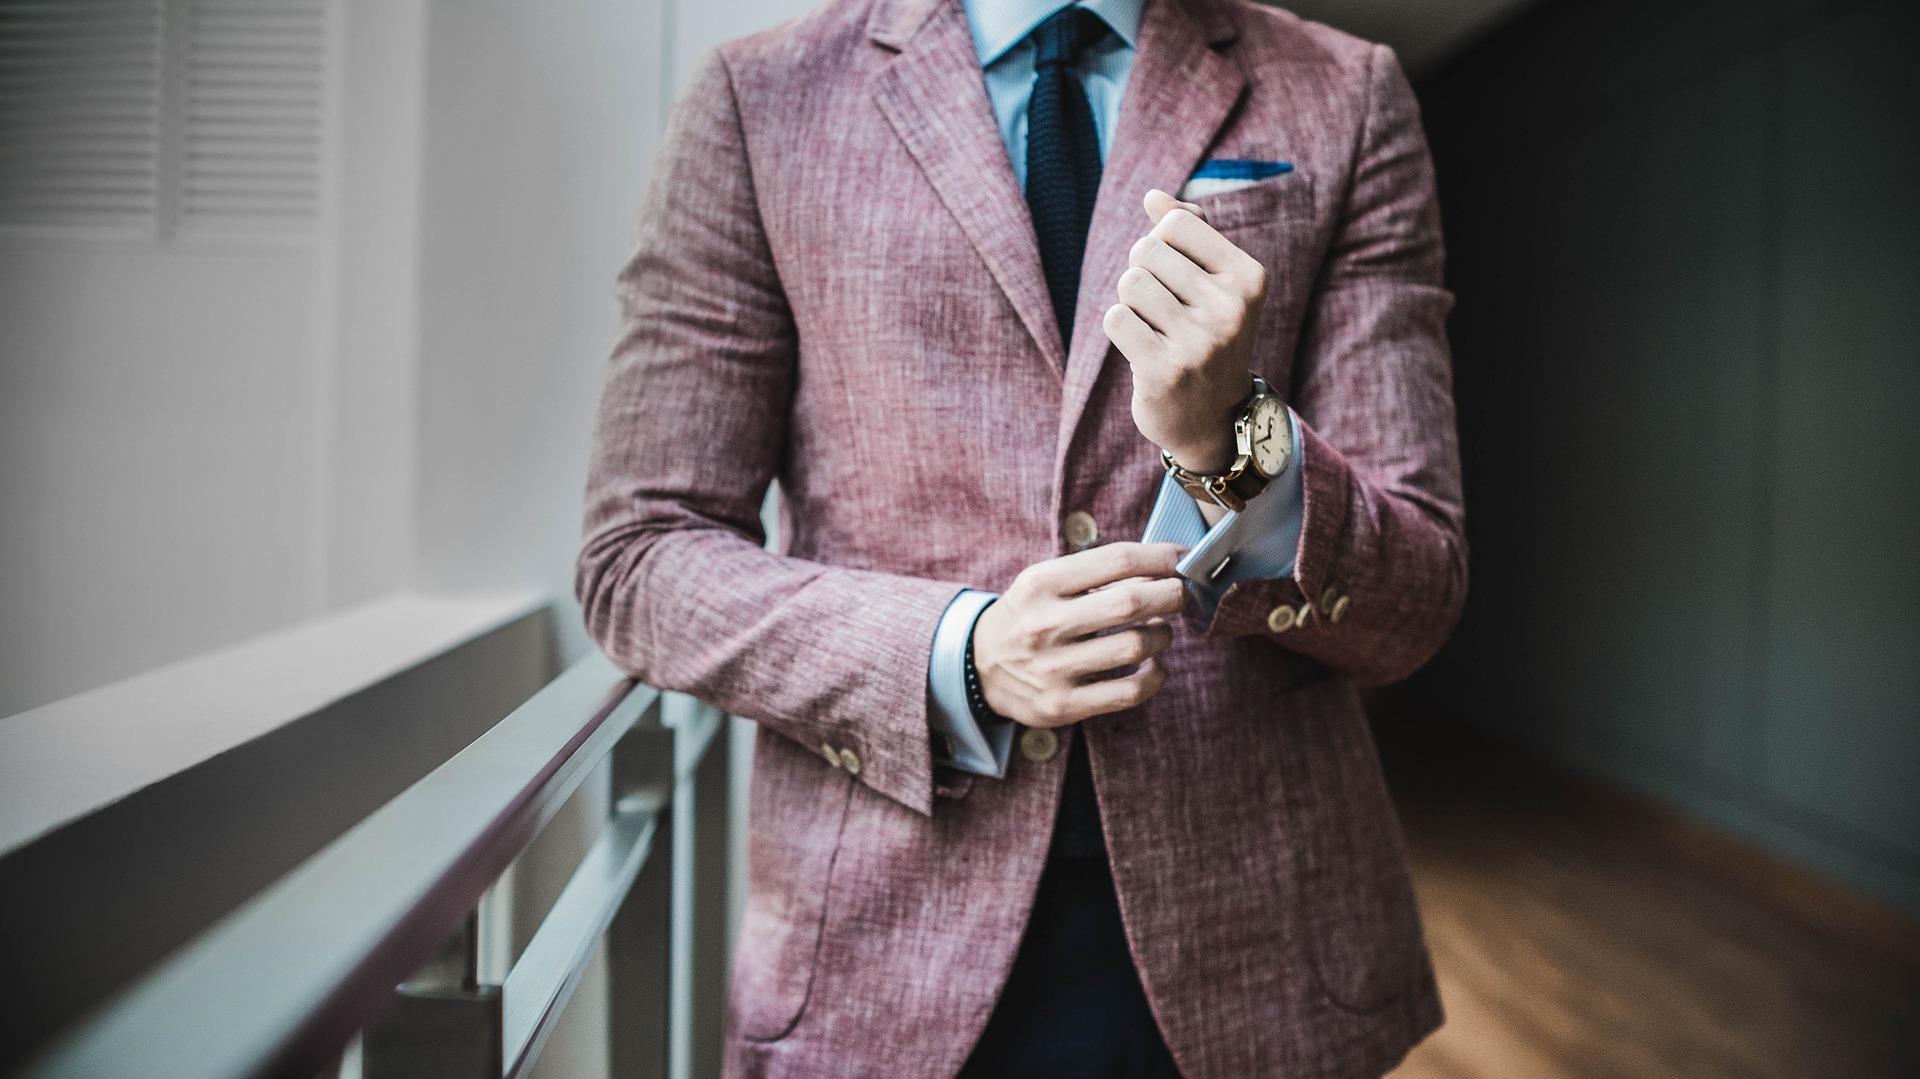 Postaw na eleganckie spodnie i spraw dobre pierwsze wrażenie - MrGentleman.pl